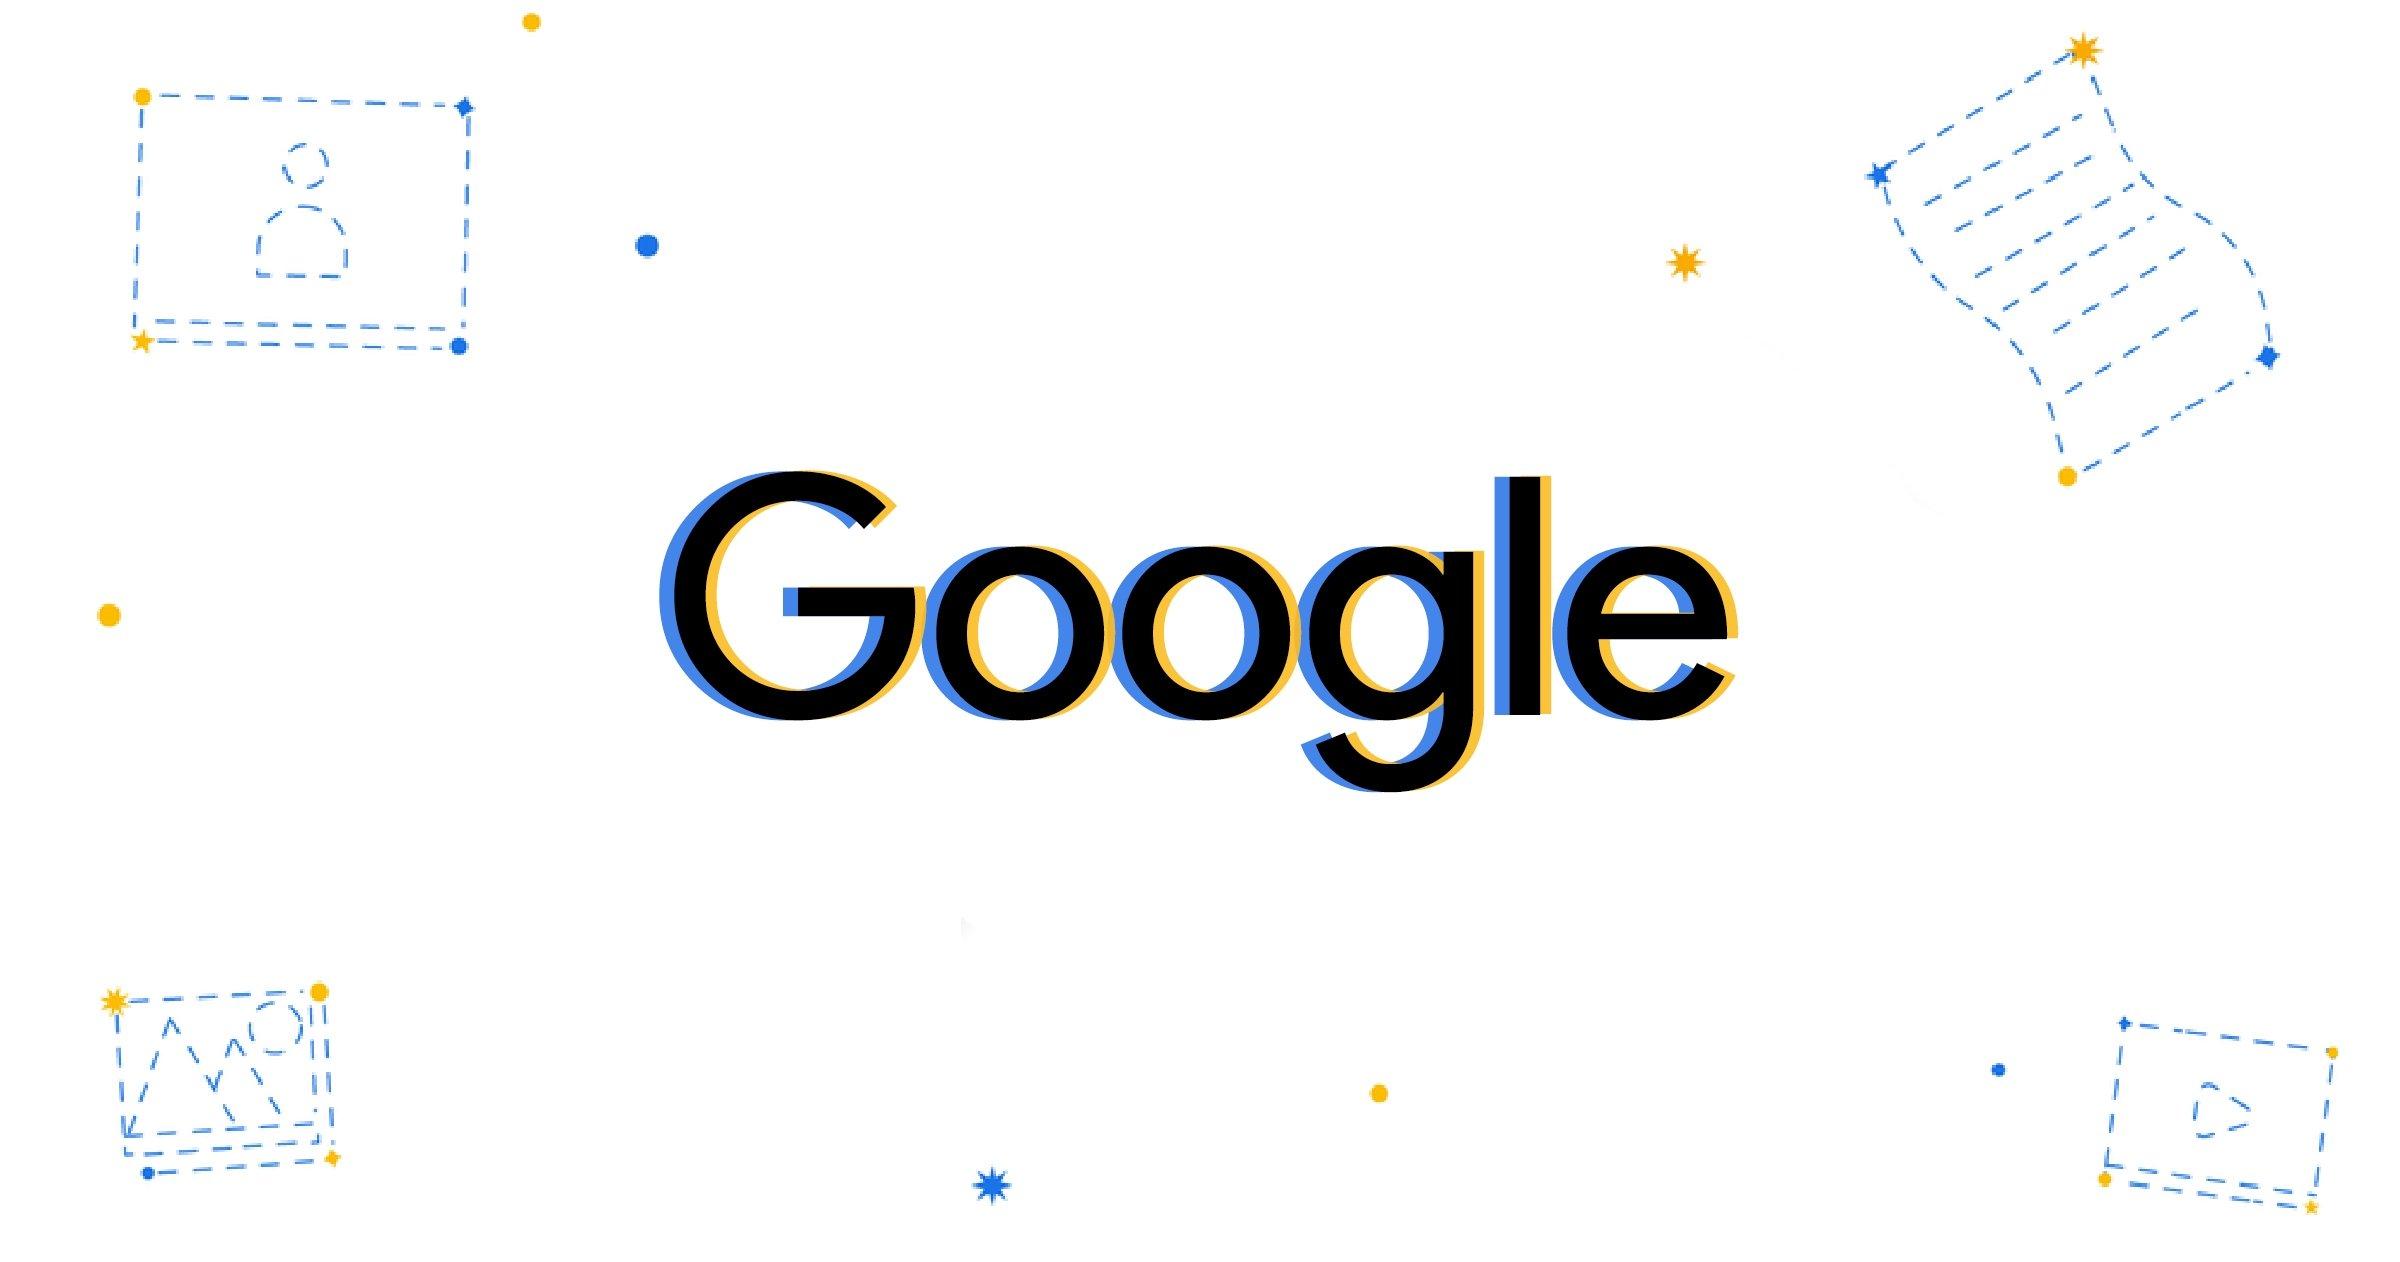 Le logo Google